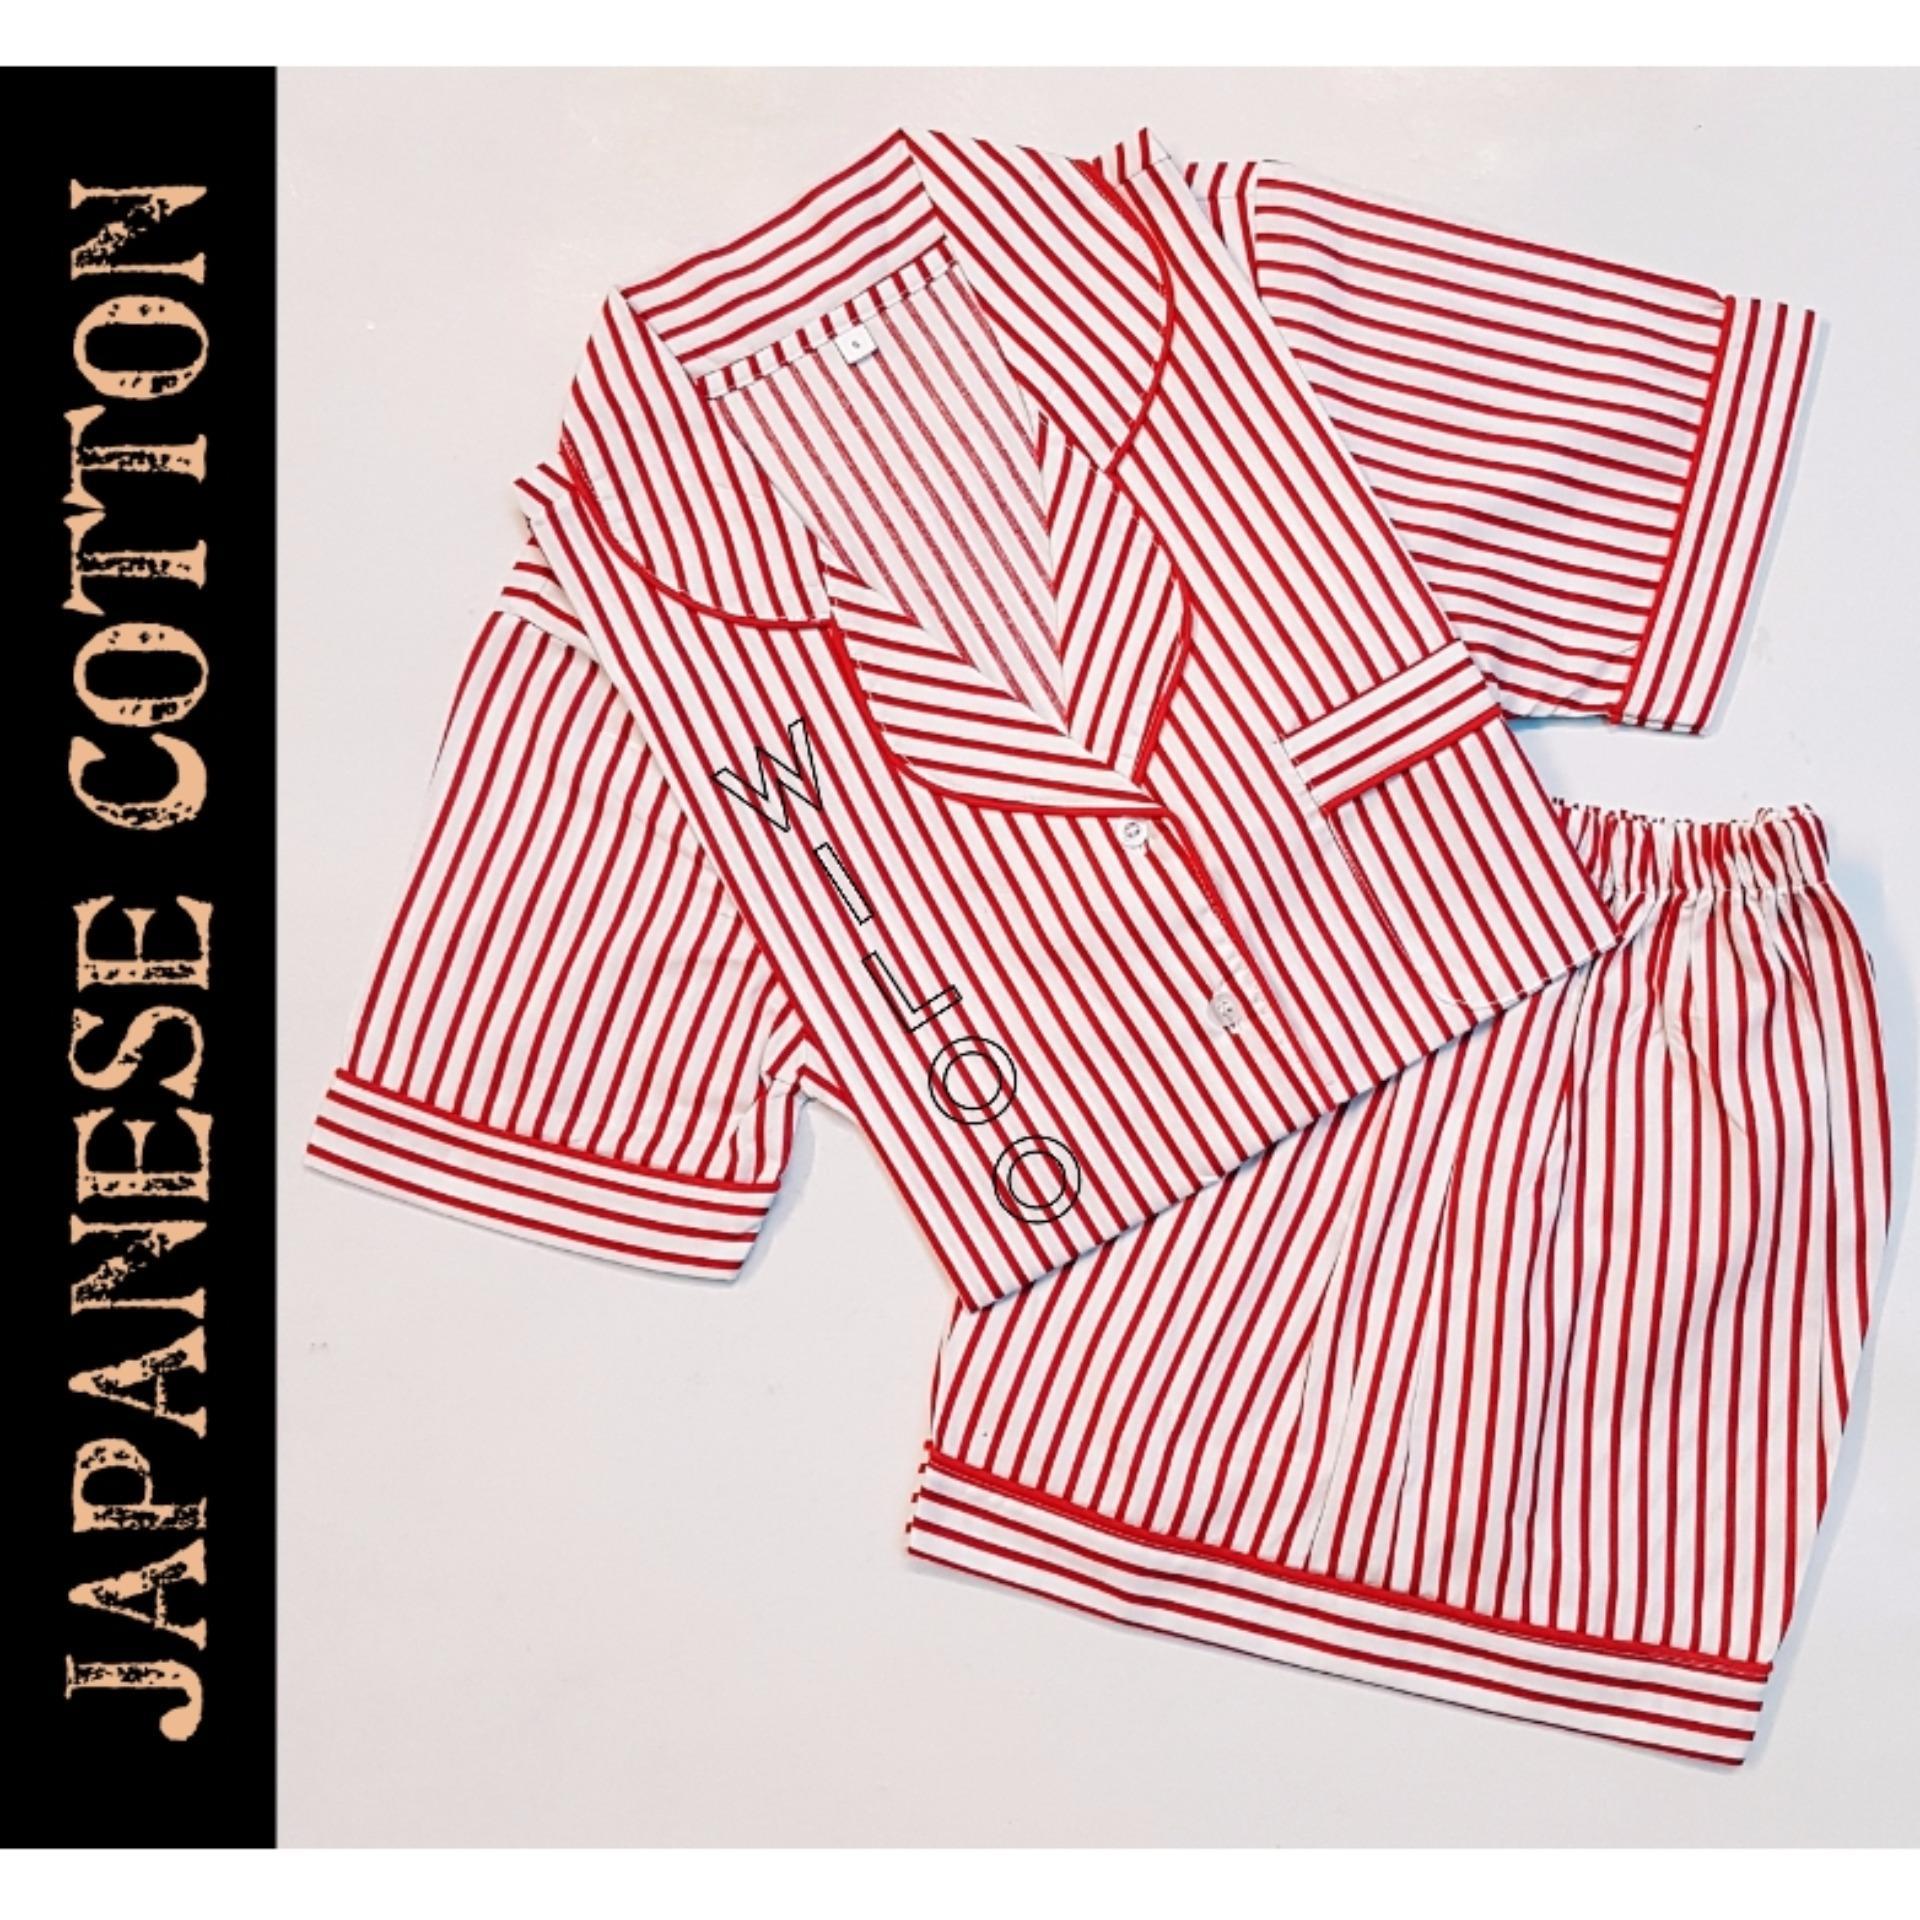 Toko Baju Tidur Wanita Piyama Japanese Cotton Salur Cs Lengkap